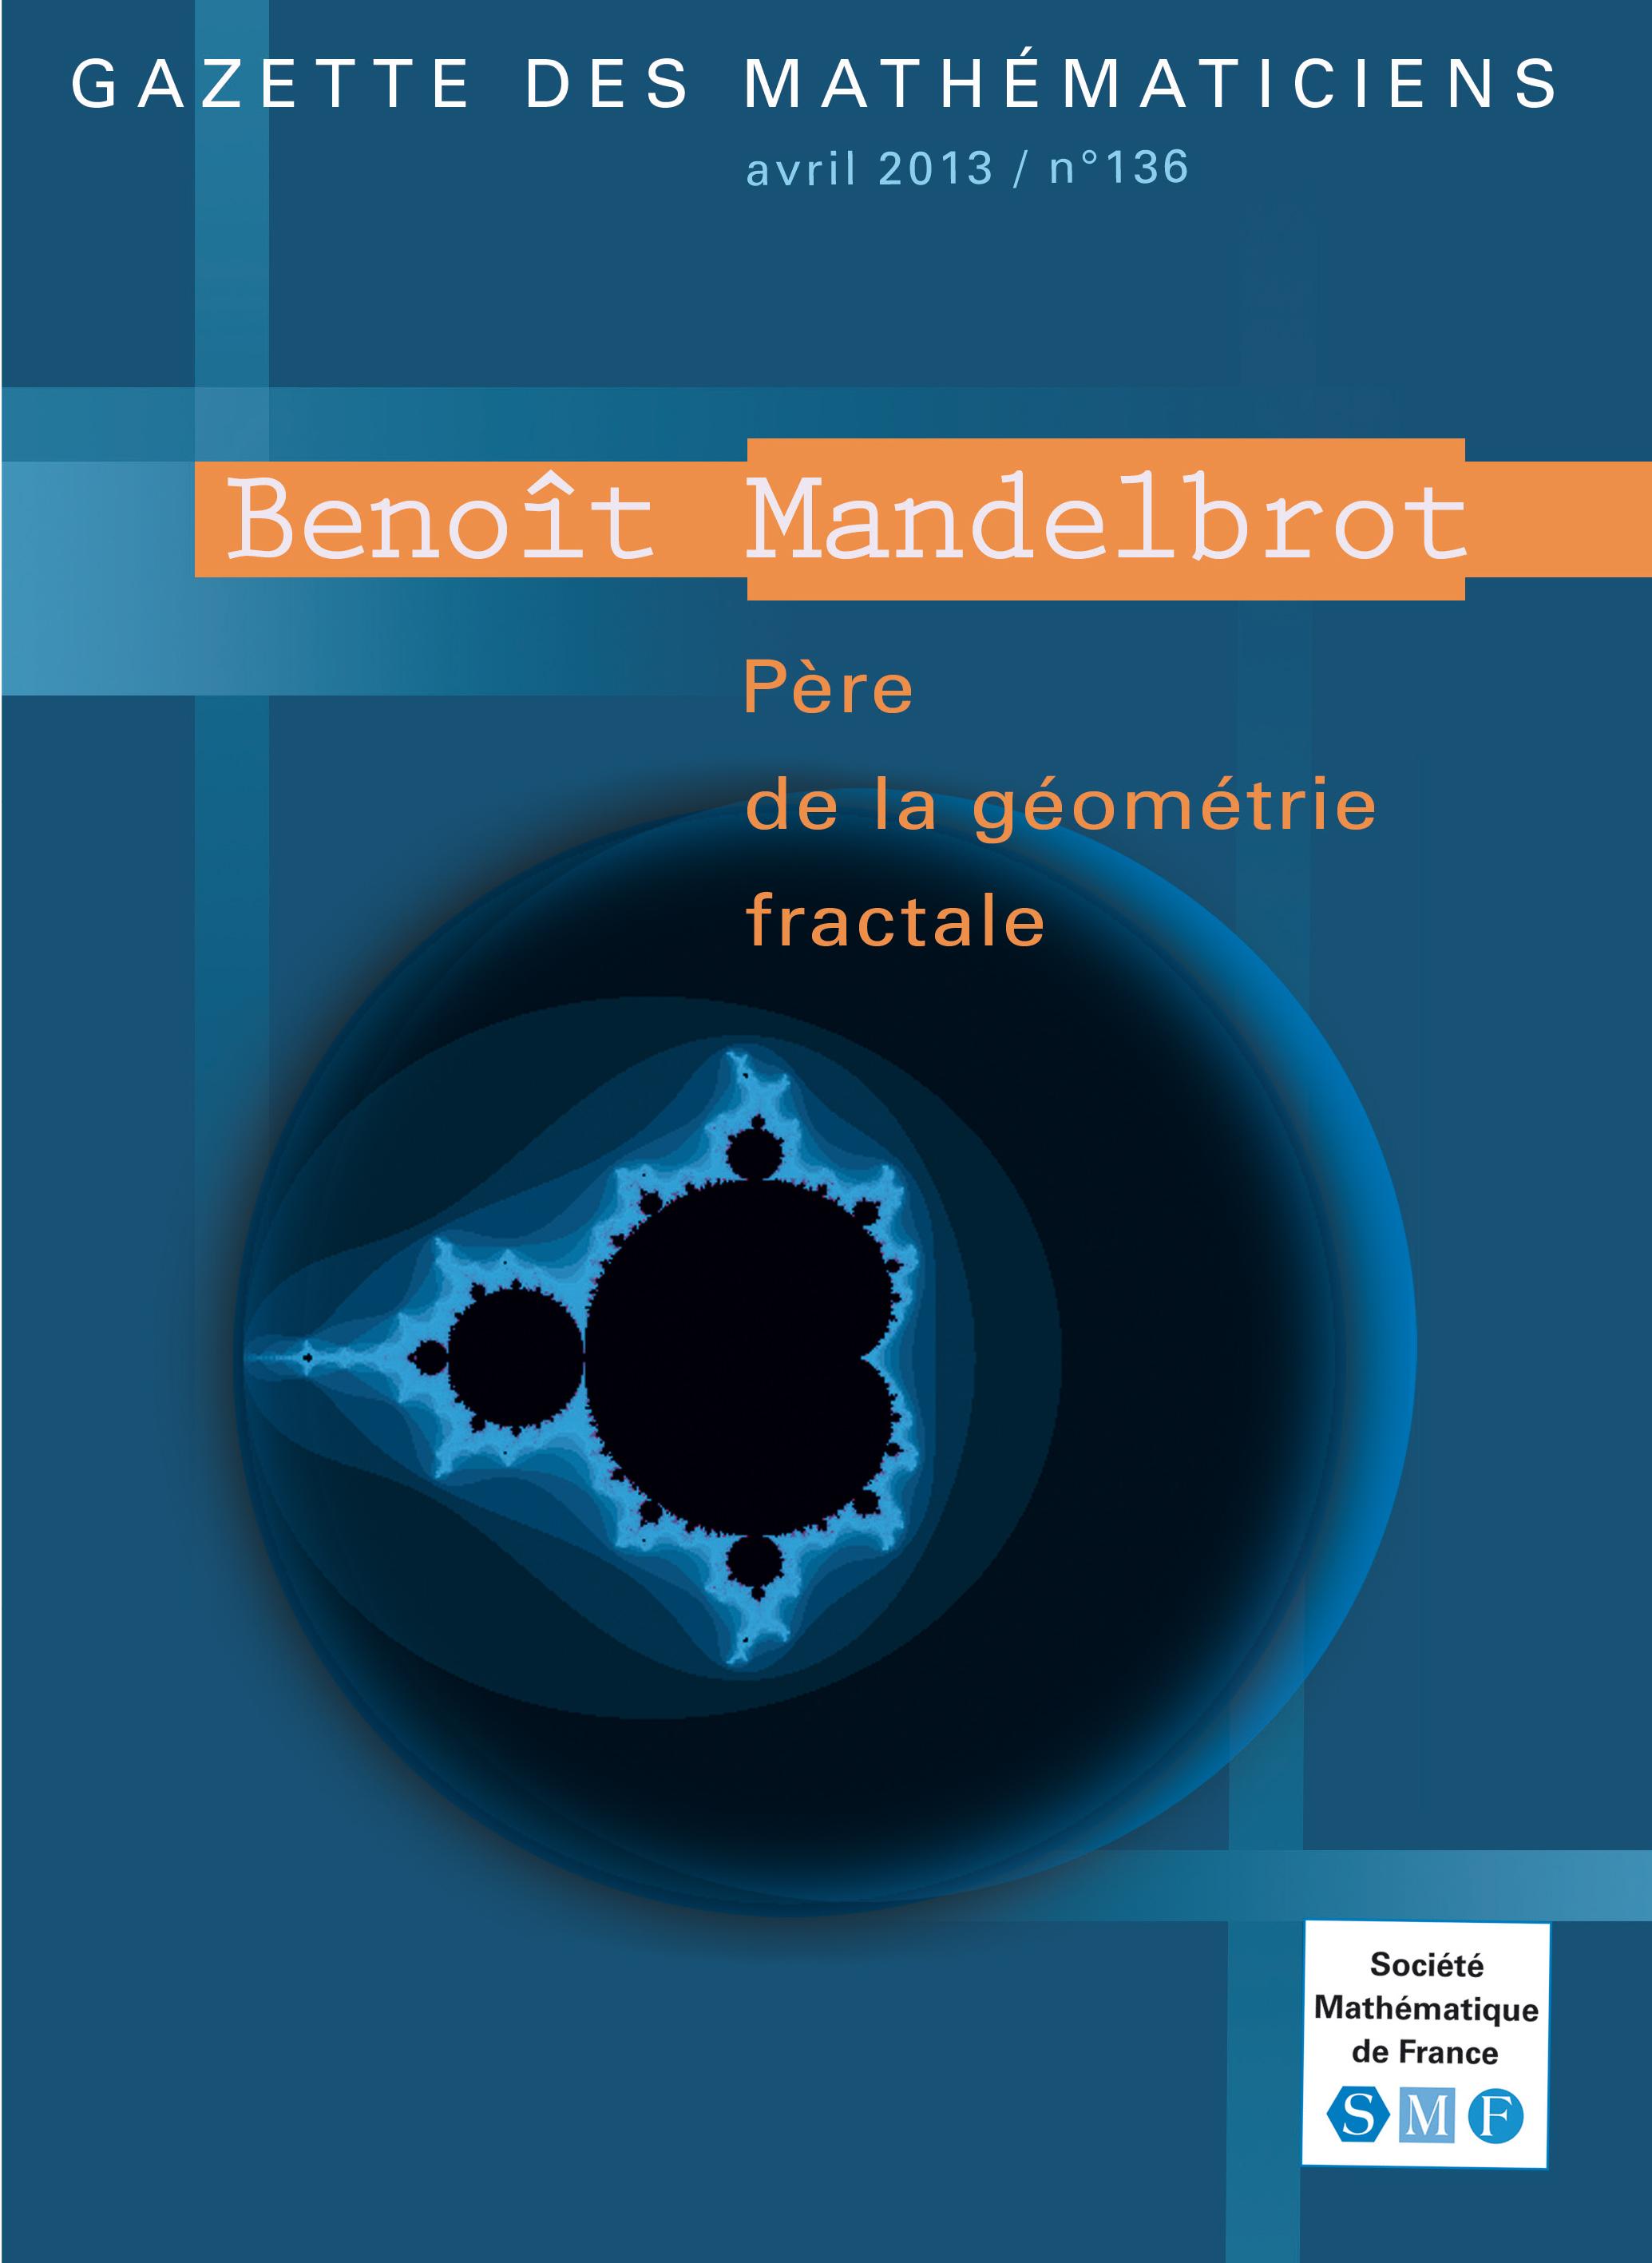 Numéros spéciaux Gazette   Société Mathématique de France 74d7c3447bd3